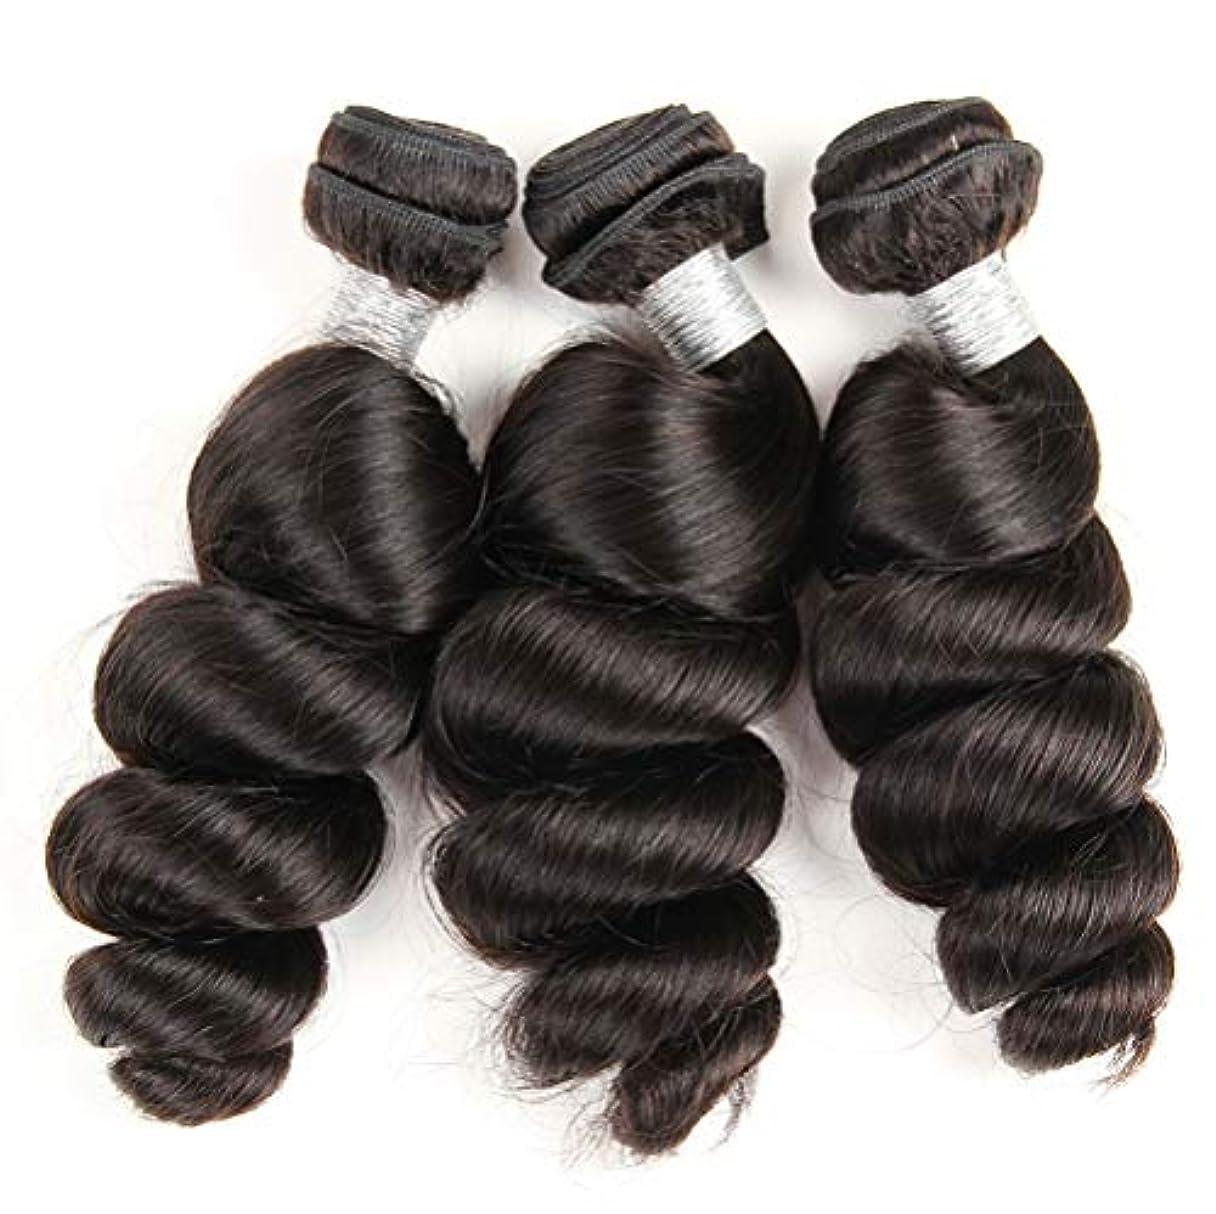 酸度トラフィックセットアップ女性の髪織り150%密度髪8a未処理ブラジルバージンヘア実体波1バンドルバージン人間の髪の毛